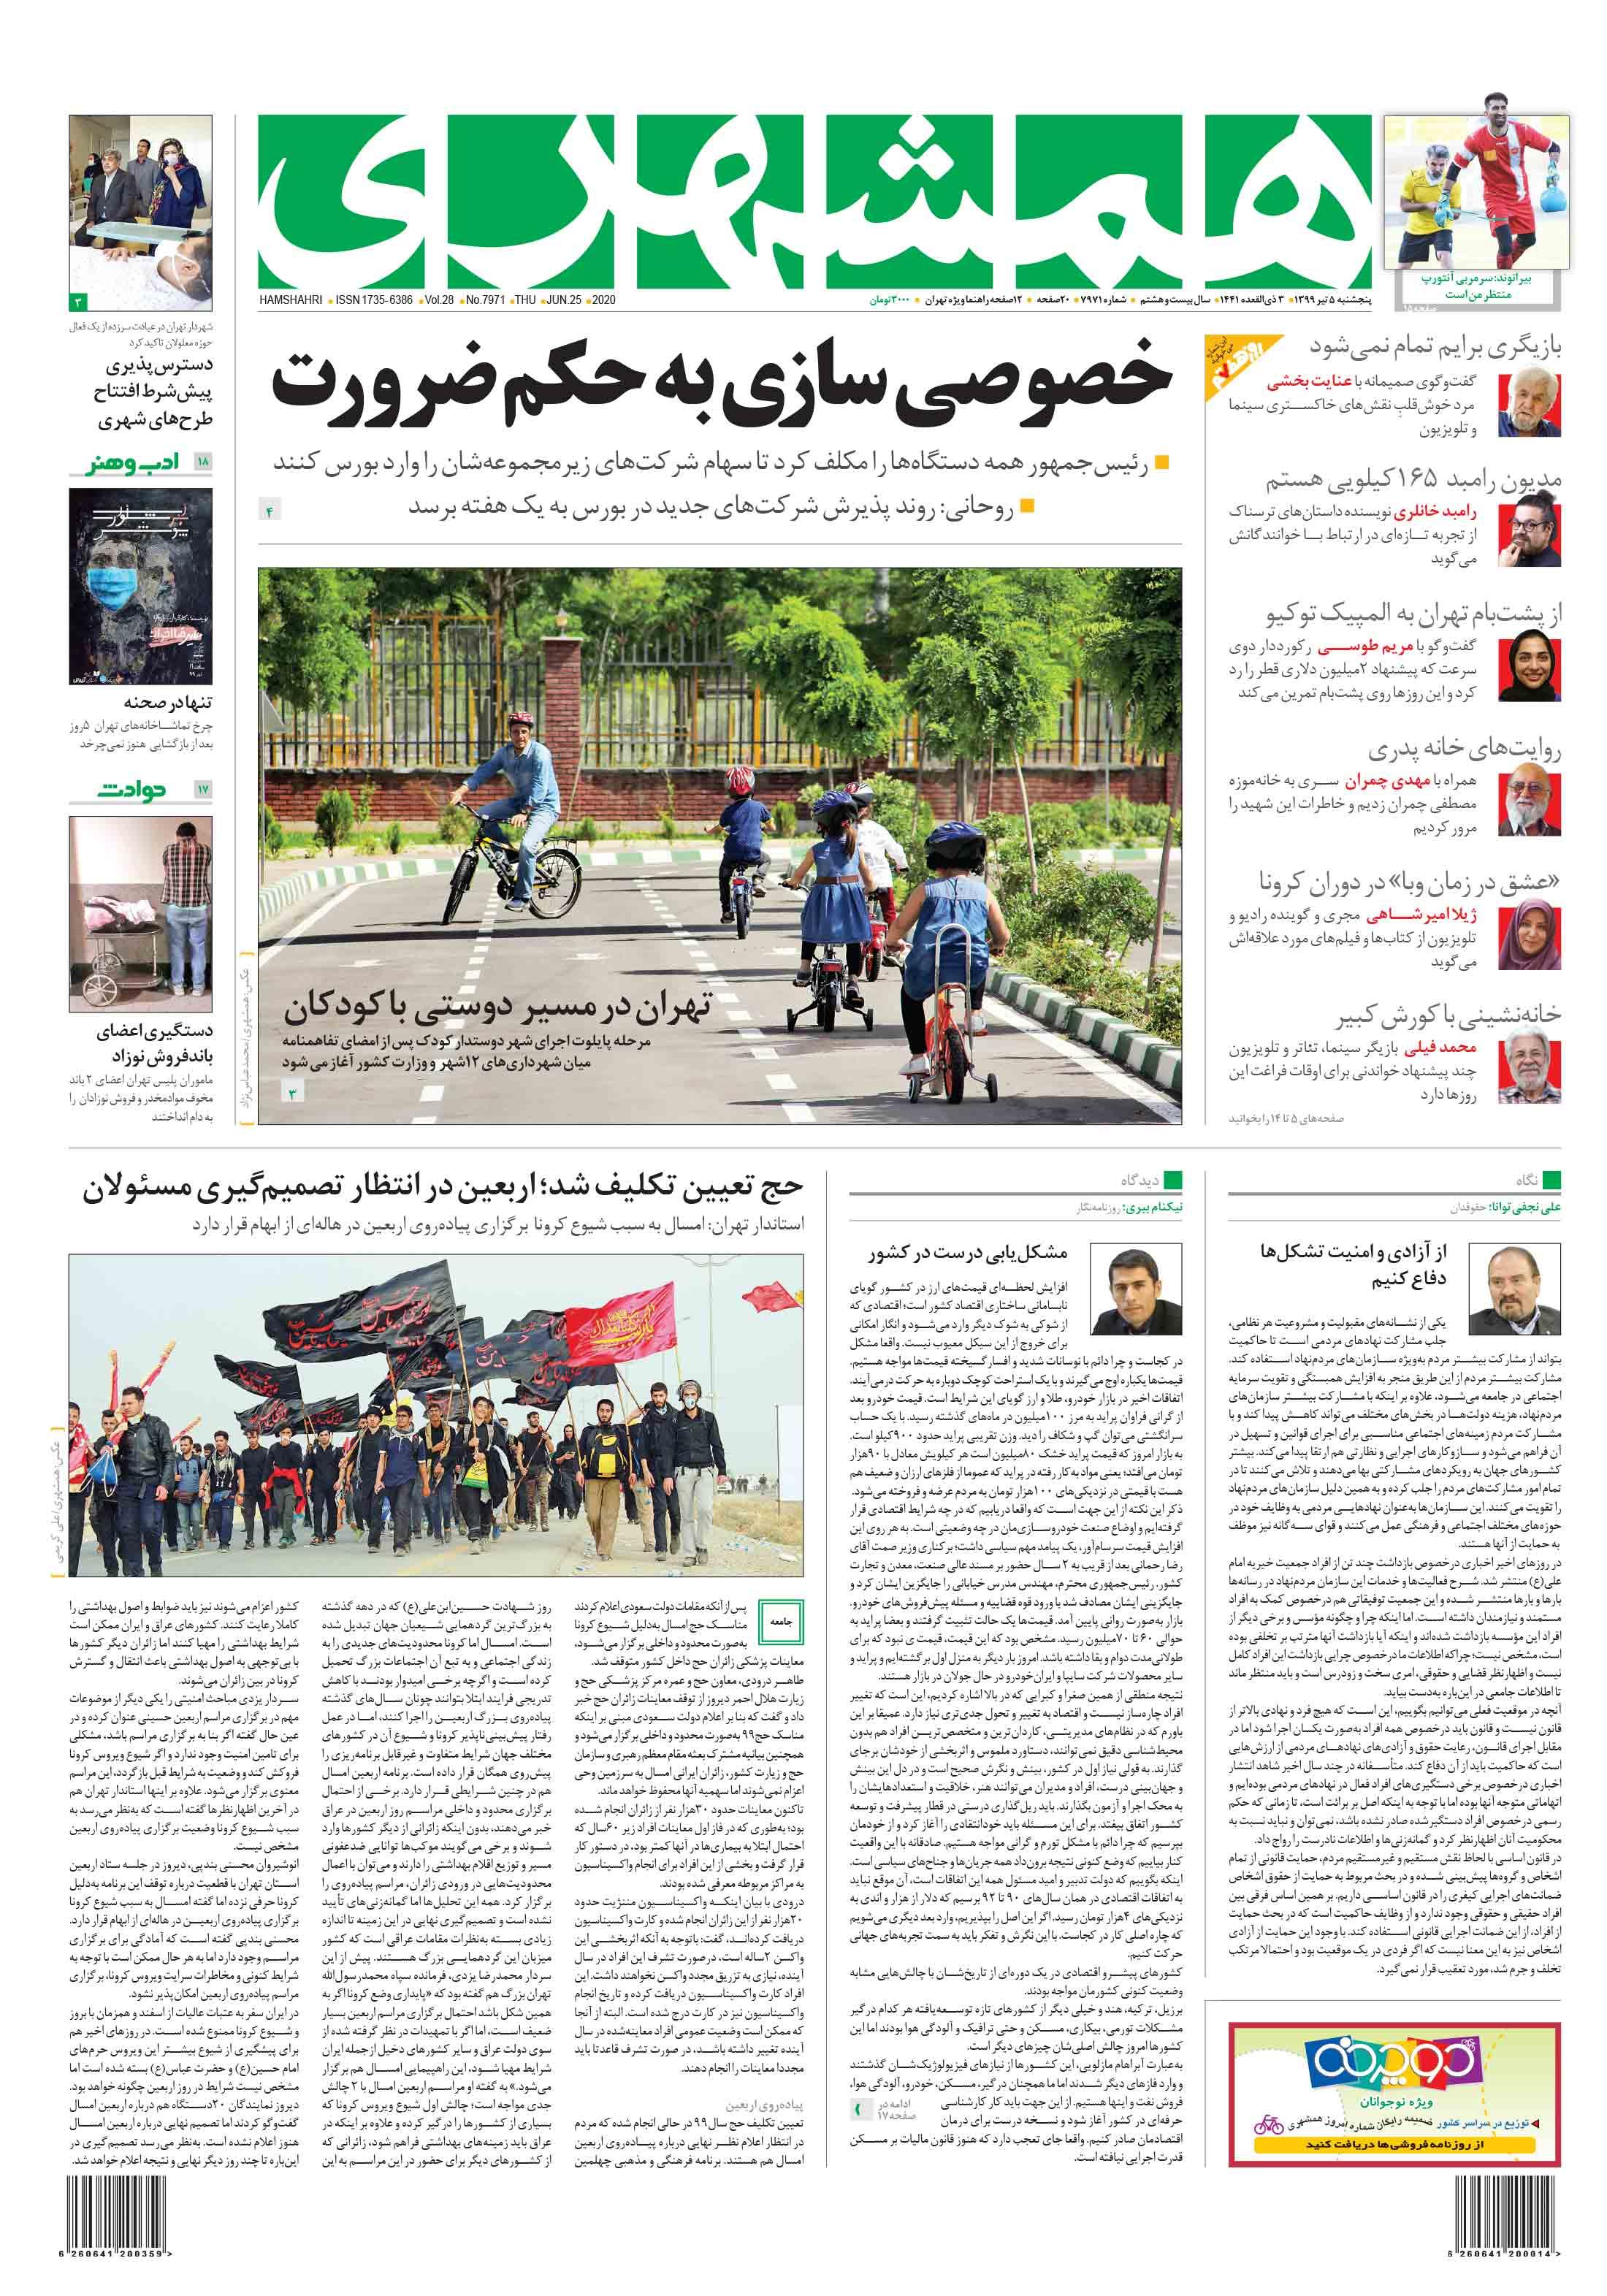 صفحه اول پنجشنبه 5 تیر 1399